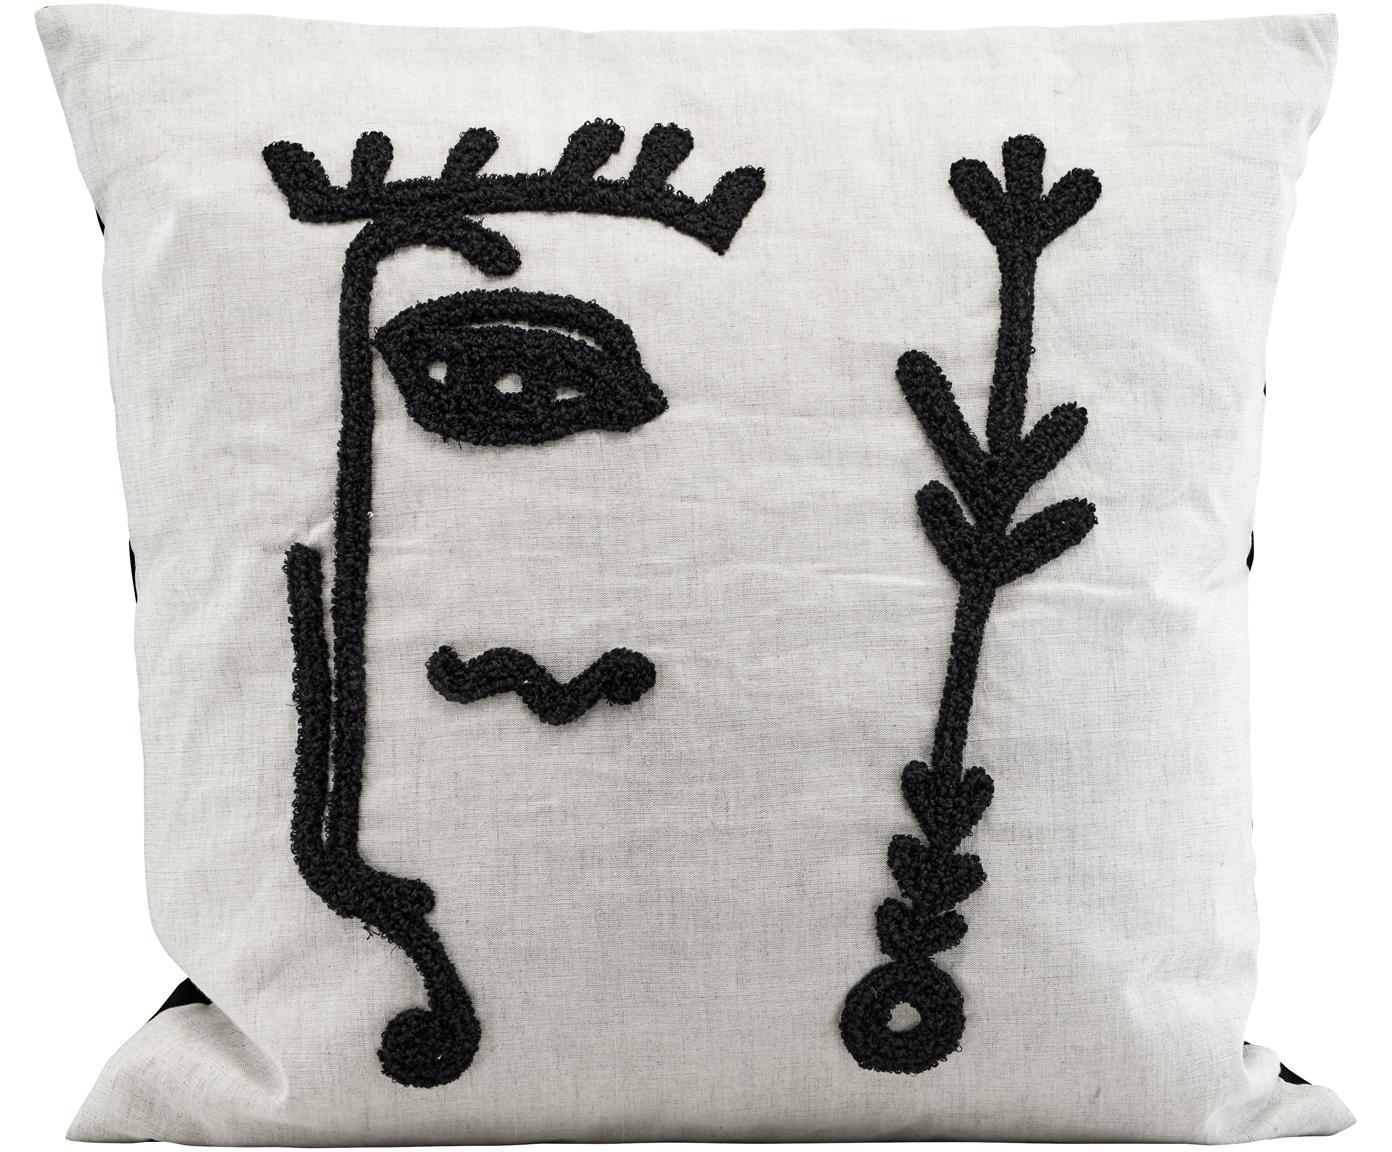 Kissenhülle Ingo mit abstrakter Stickerei, Vorderseite: Leinen, Baumwolle, Weiss, Schwarz, 50 x 50 cm